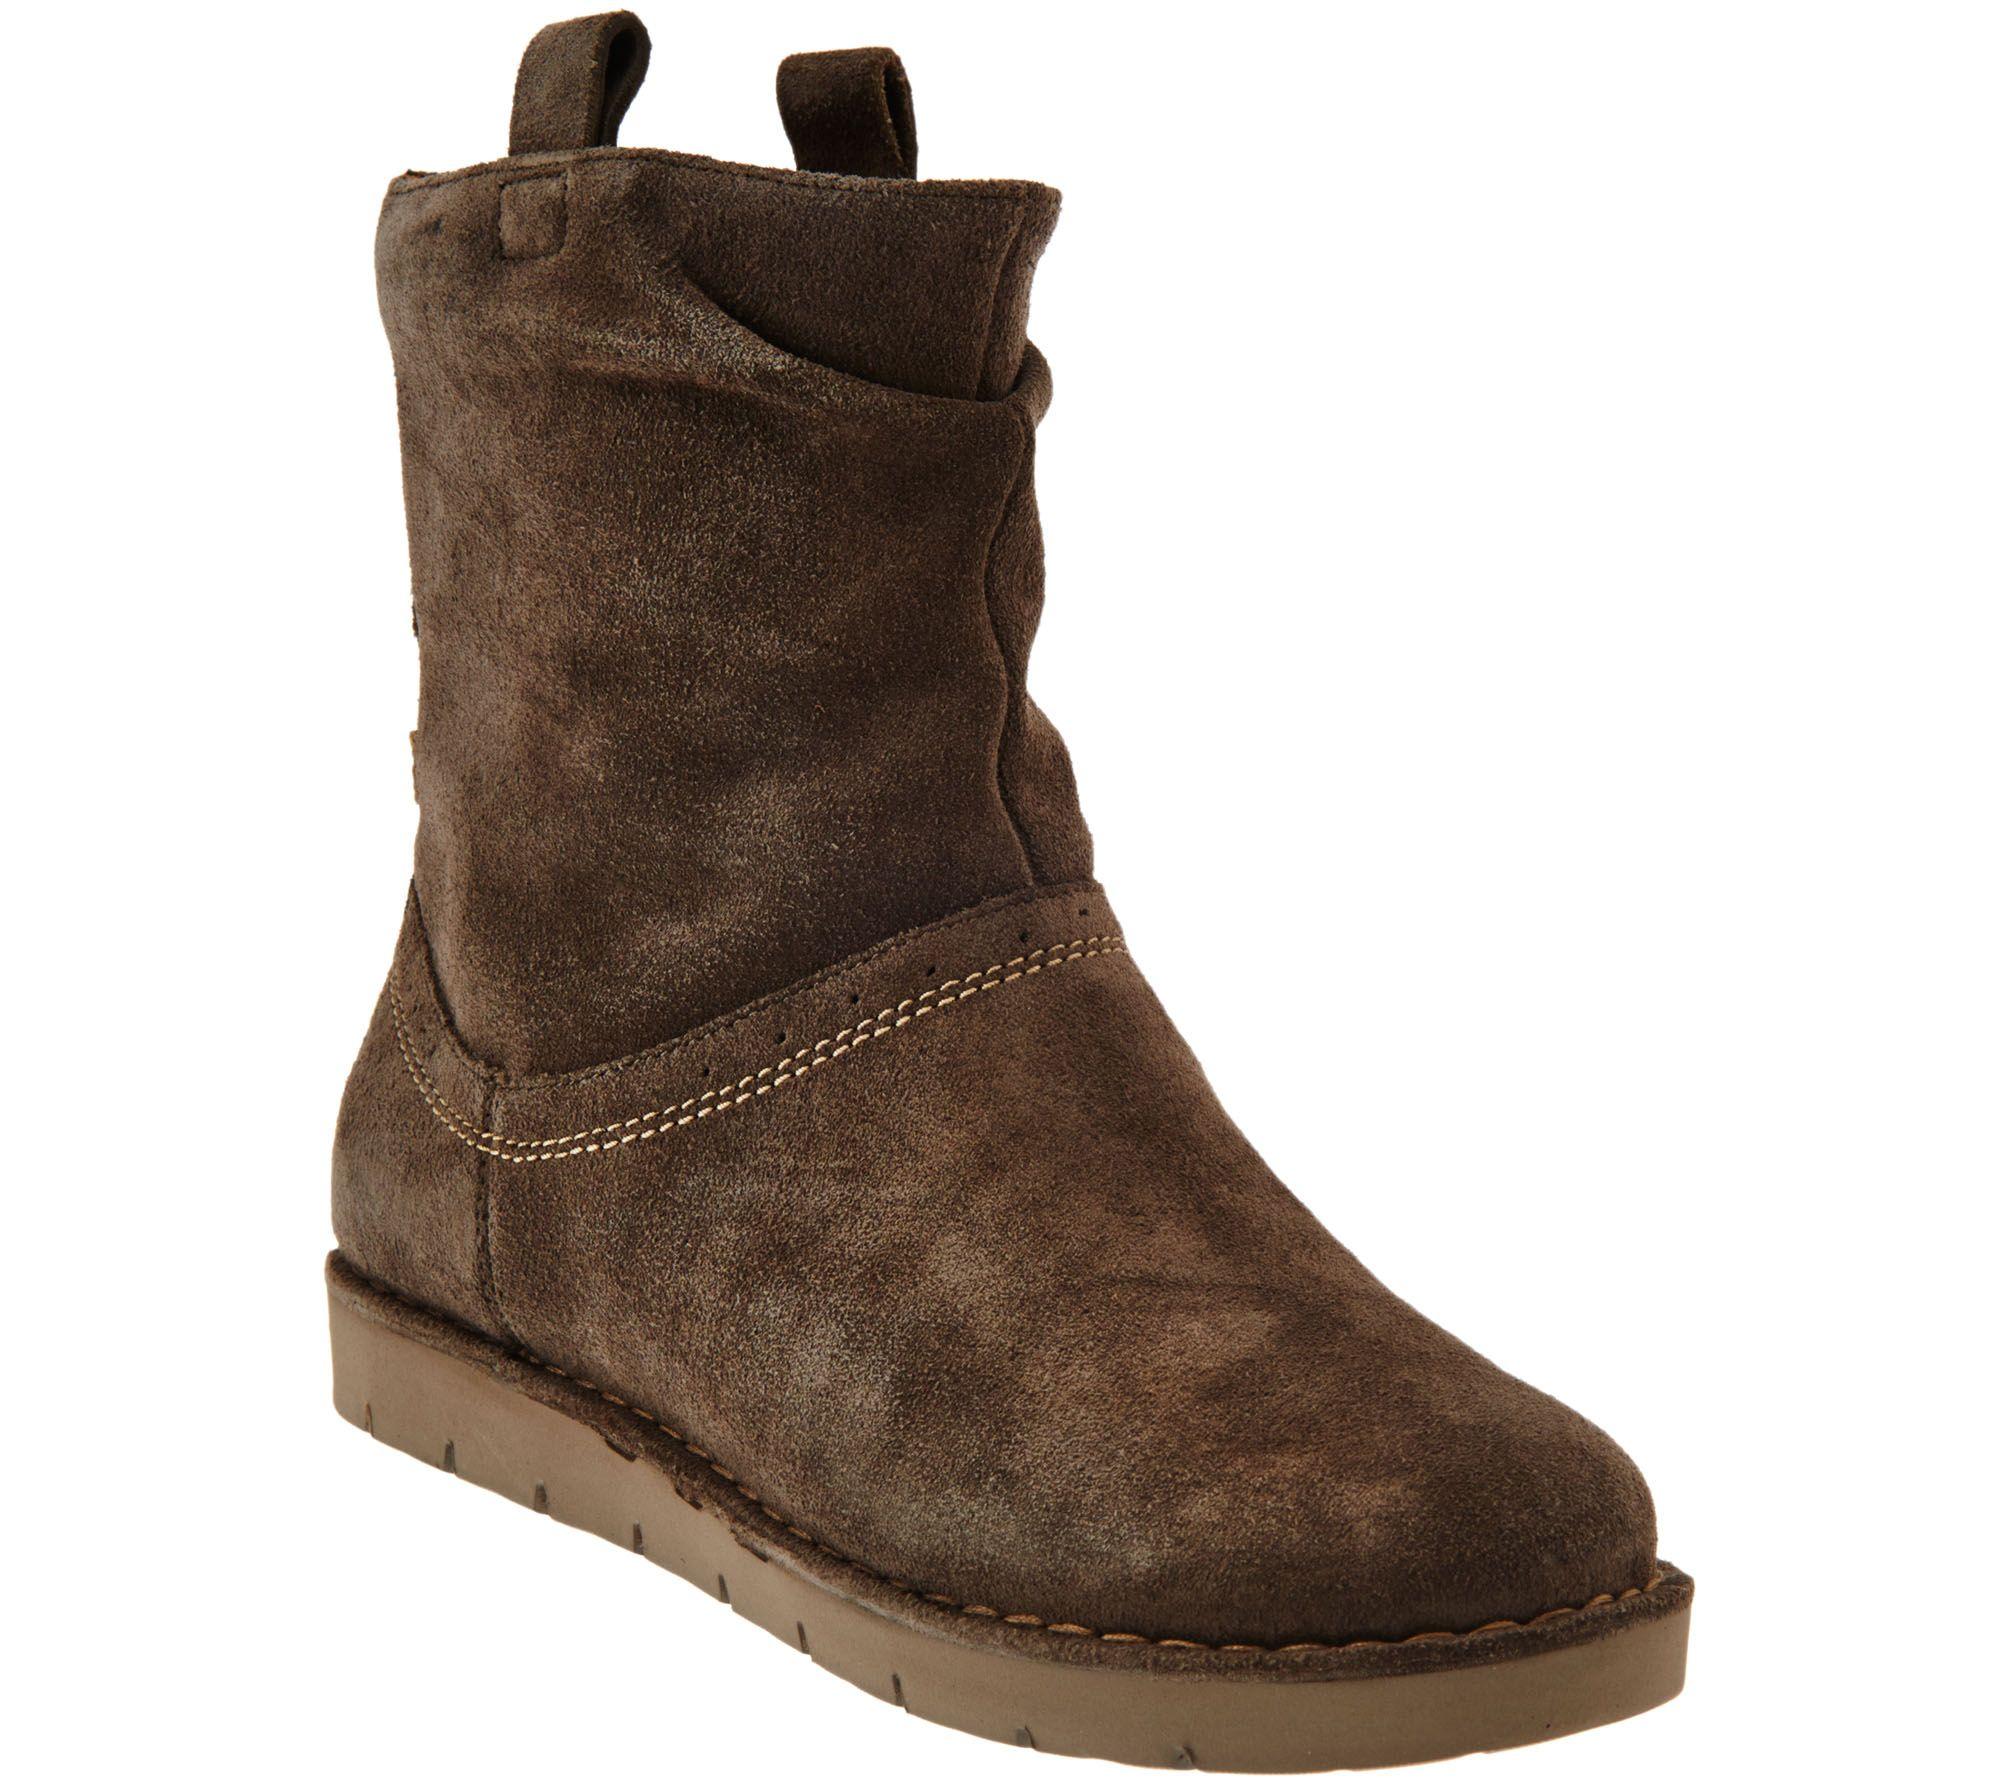 43271846df0e2 Clarks Unstructured Suede Boots - Un.Ashburn - Page 1 — QVC.com